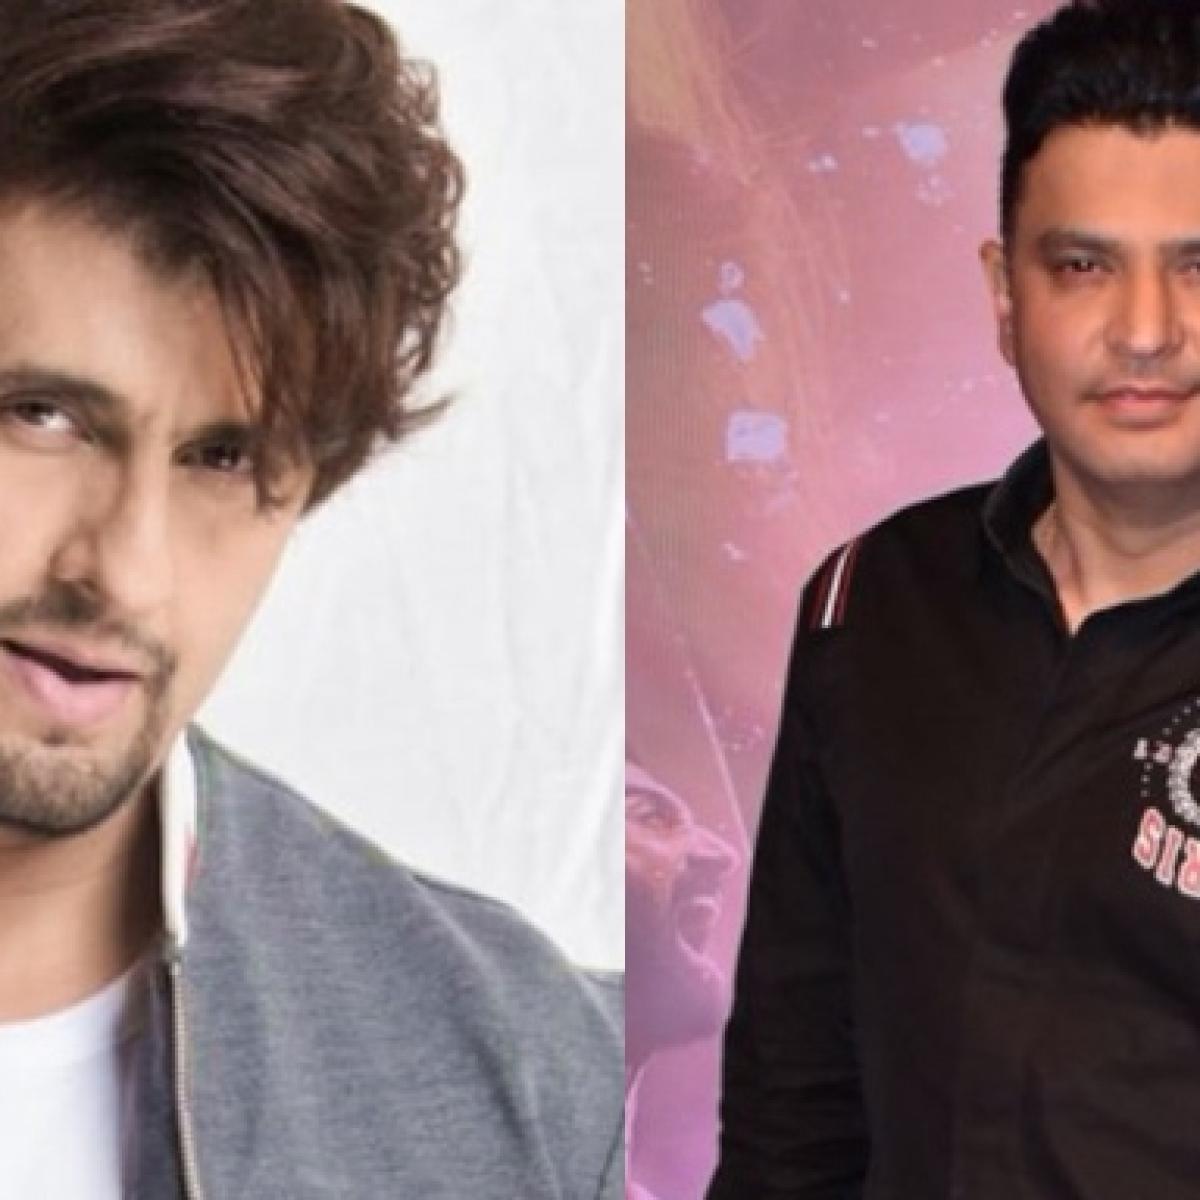 Sonu Nigam warns Bhushan Kumar in new video, says 'Tune galat admi se panga le liya'